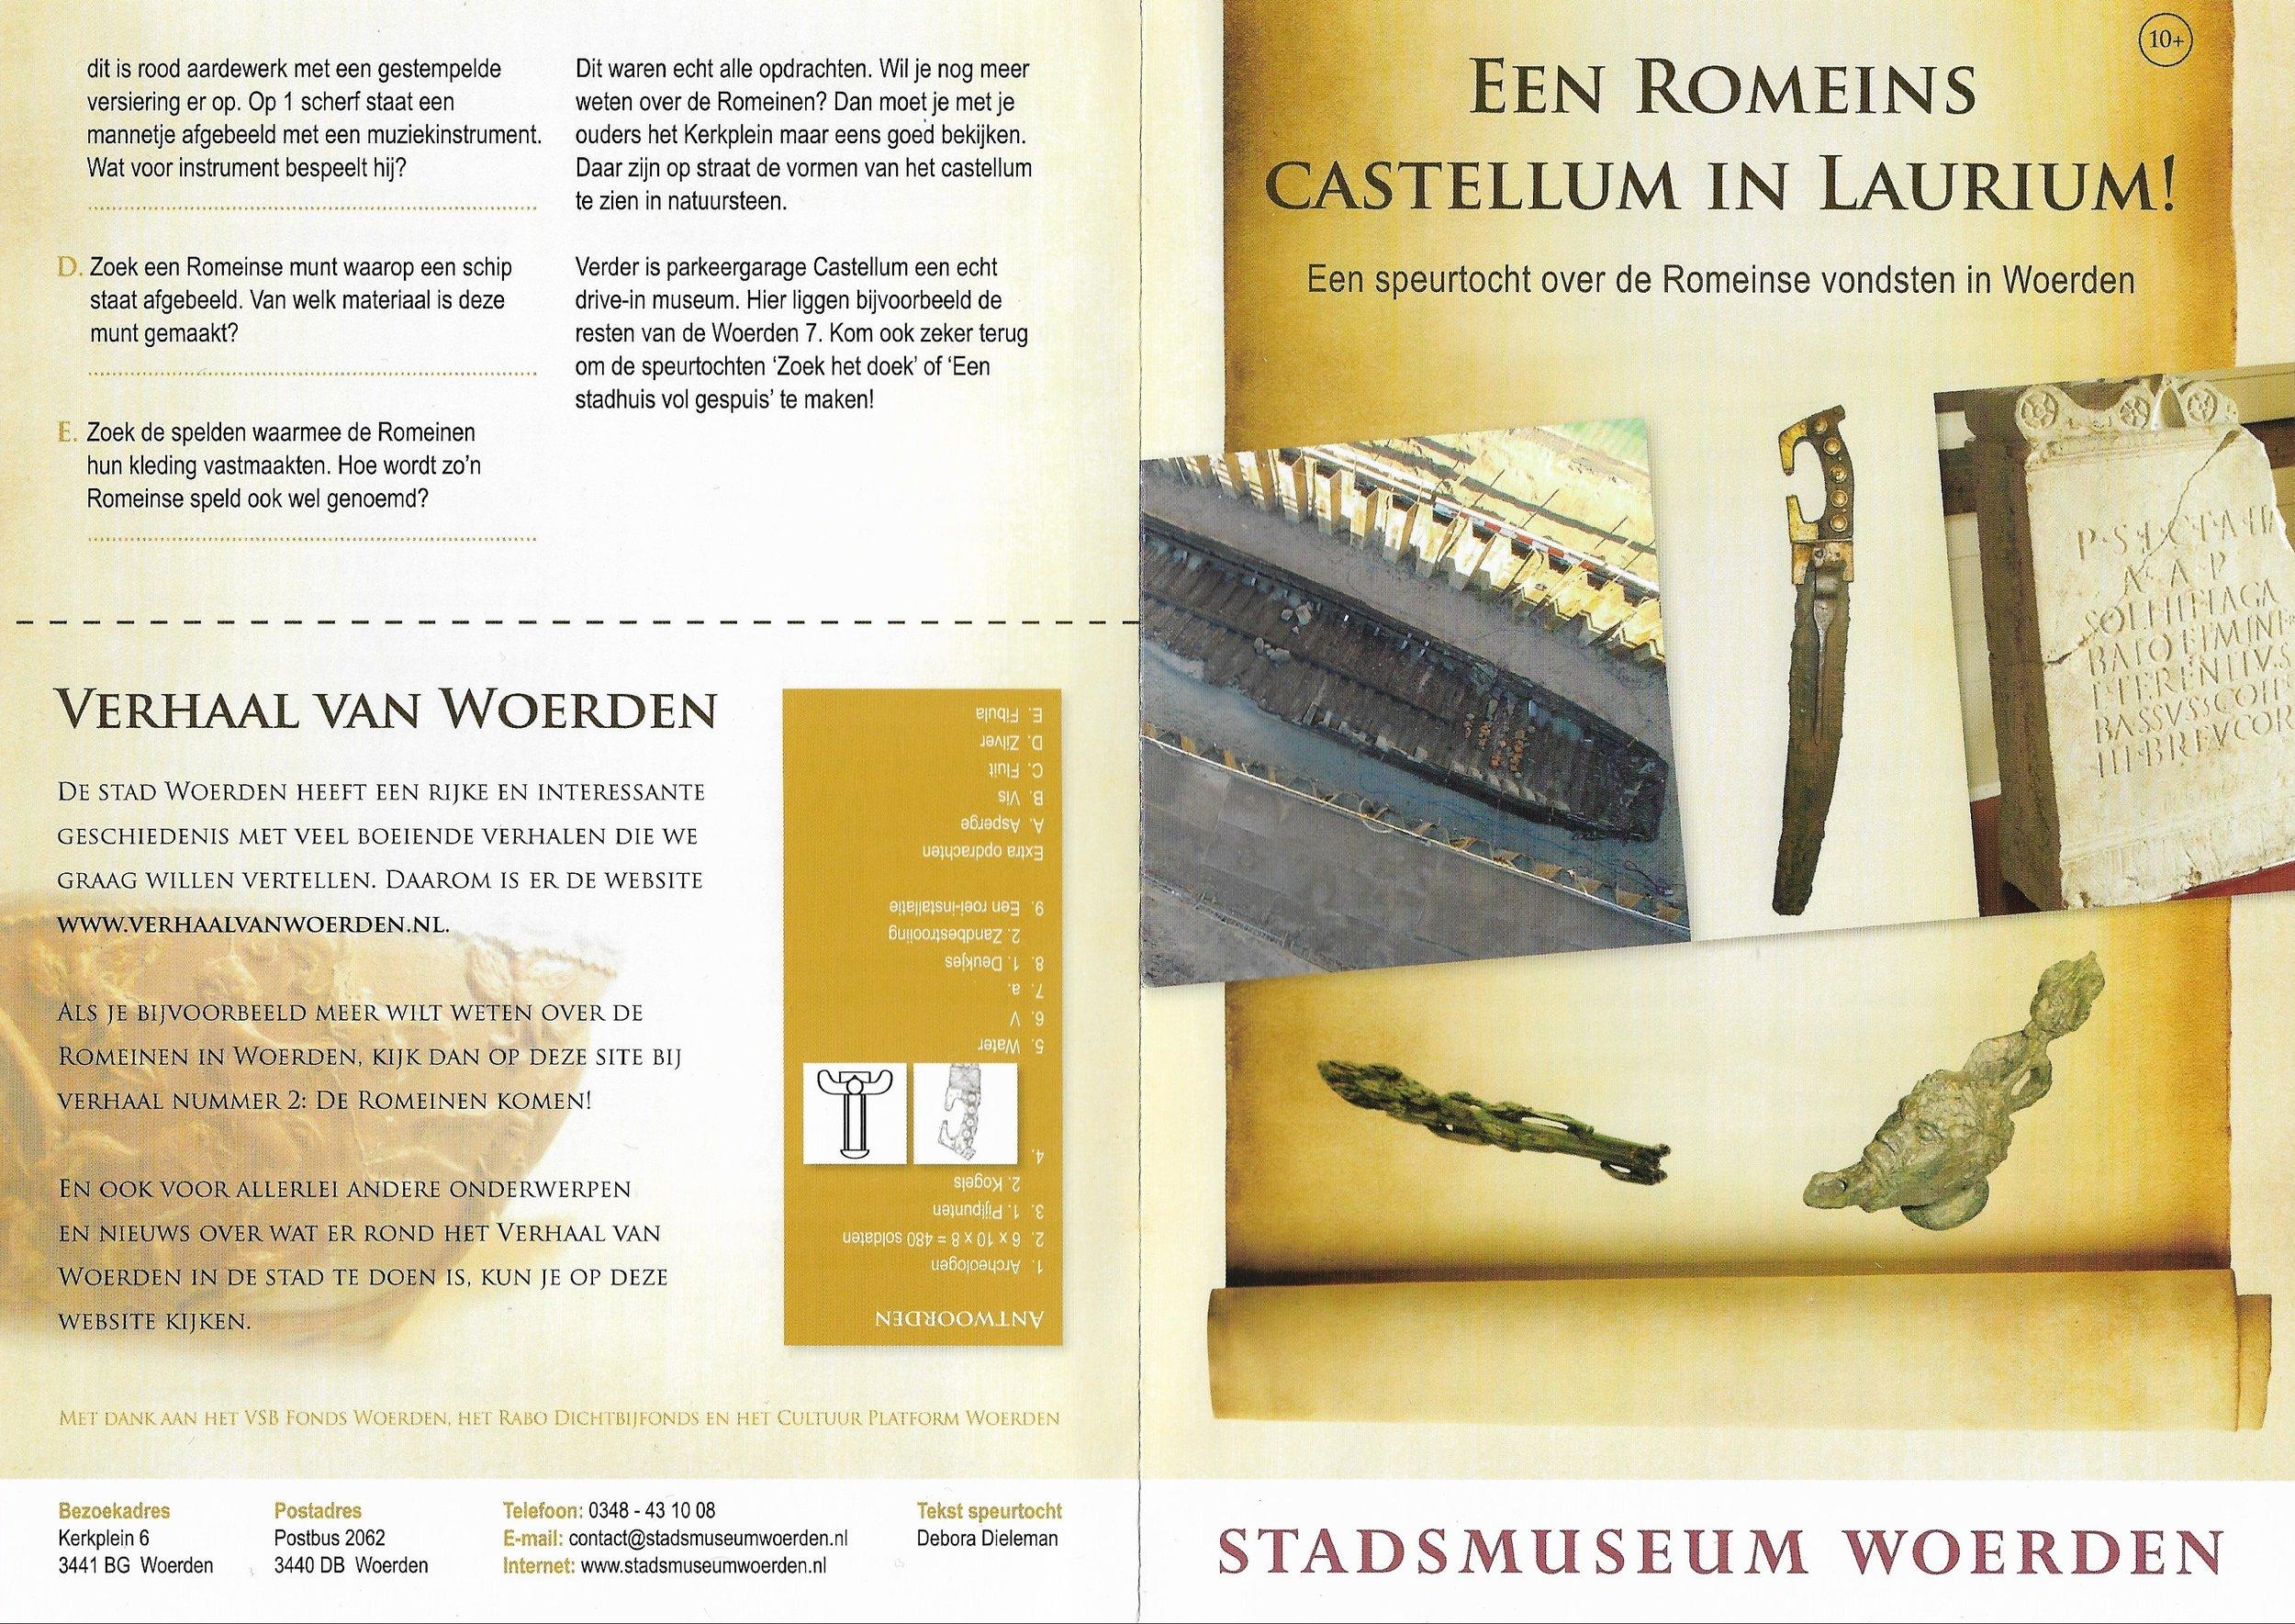 Speurtocht - Opdrachtgever: Stadsmuseum WoerdenOpdracht: Een speurtocht over de RomeinenDoelgroep: gezinnen met kinderen in de leeftijd van 10 t/m 12 jaarVormgeving: Studio CampoJaar: 2013